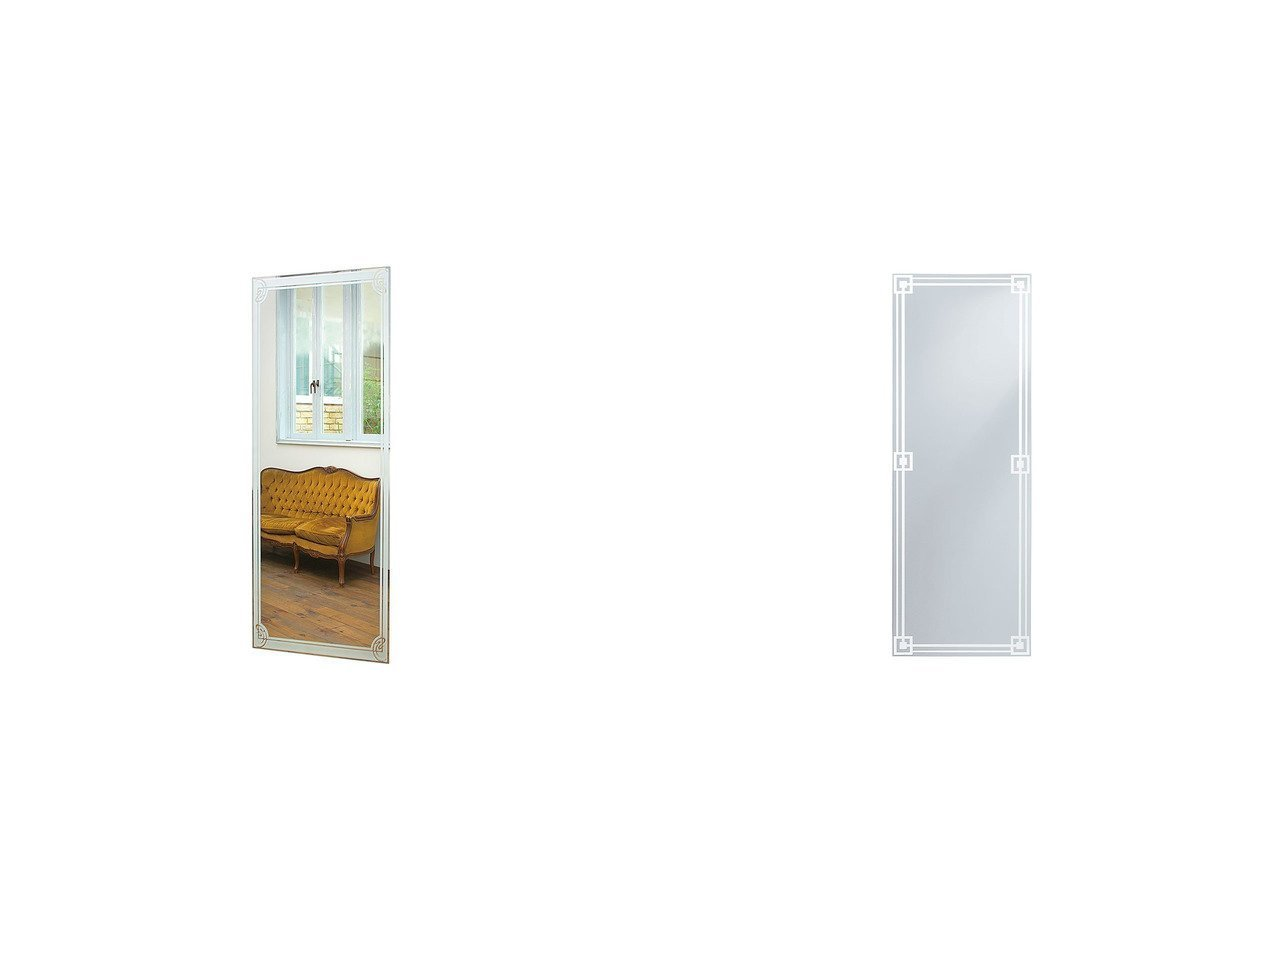 【FLYMEe BASIC/フライミー ベーシック】のウォールミラー m77331&ウォールミラー m77327 【ミラー・鏡 お家時間 FURNITURE】おすすめ!人気、インテリア雑貨・家具の通販 おすすめで人気の流行・トレンド、ファッションの通販商品 インテリア・家具・メンズファッション・キッズファッション・レディースファッション・服の通販 founy(ファニー) https://founy.com/ 送料無料 Free Shipping シンプル スタンド ホーム・キャンプ・アウトドア Home,Garden,Outdoor,Camping Gear 家具・インテリア Furniture ミラー・ドレッサー Mirror ミラー・鏡 ホーム・キャンプ・アウトドア Home,Garden,Outdoor,Camping Gear 家具・インテリア Furniture ミラー・ドレッサー Mirror ドレッサー  ID:crp329100000054450